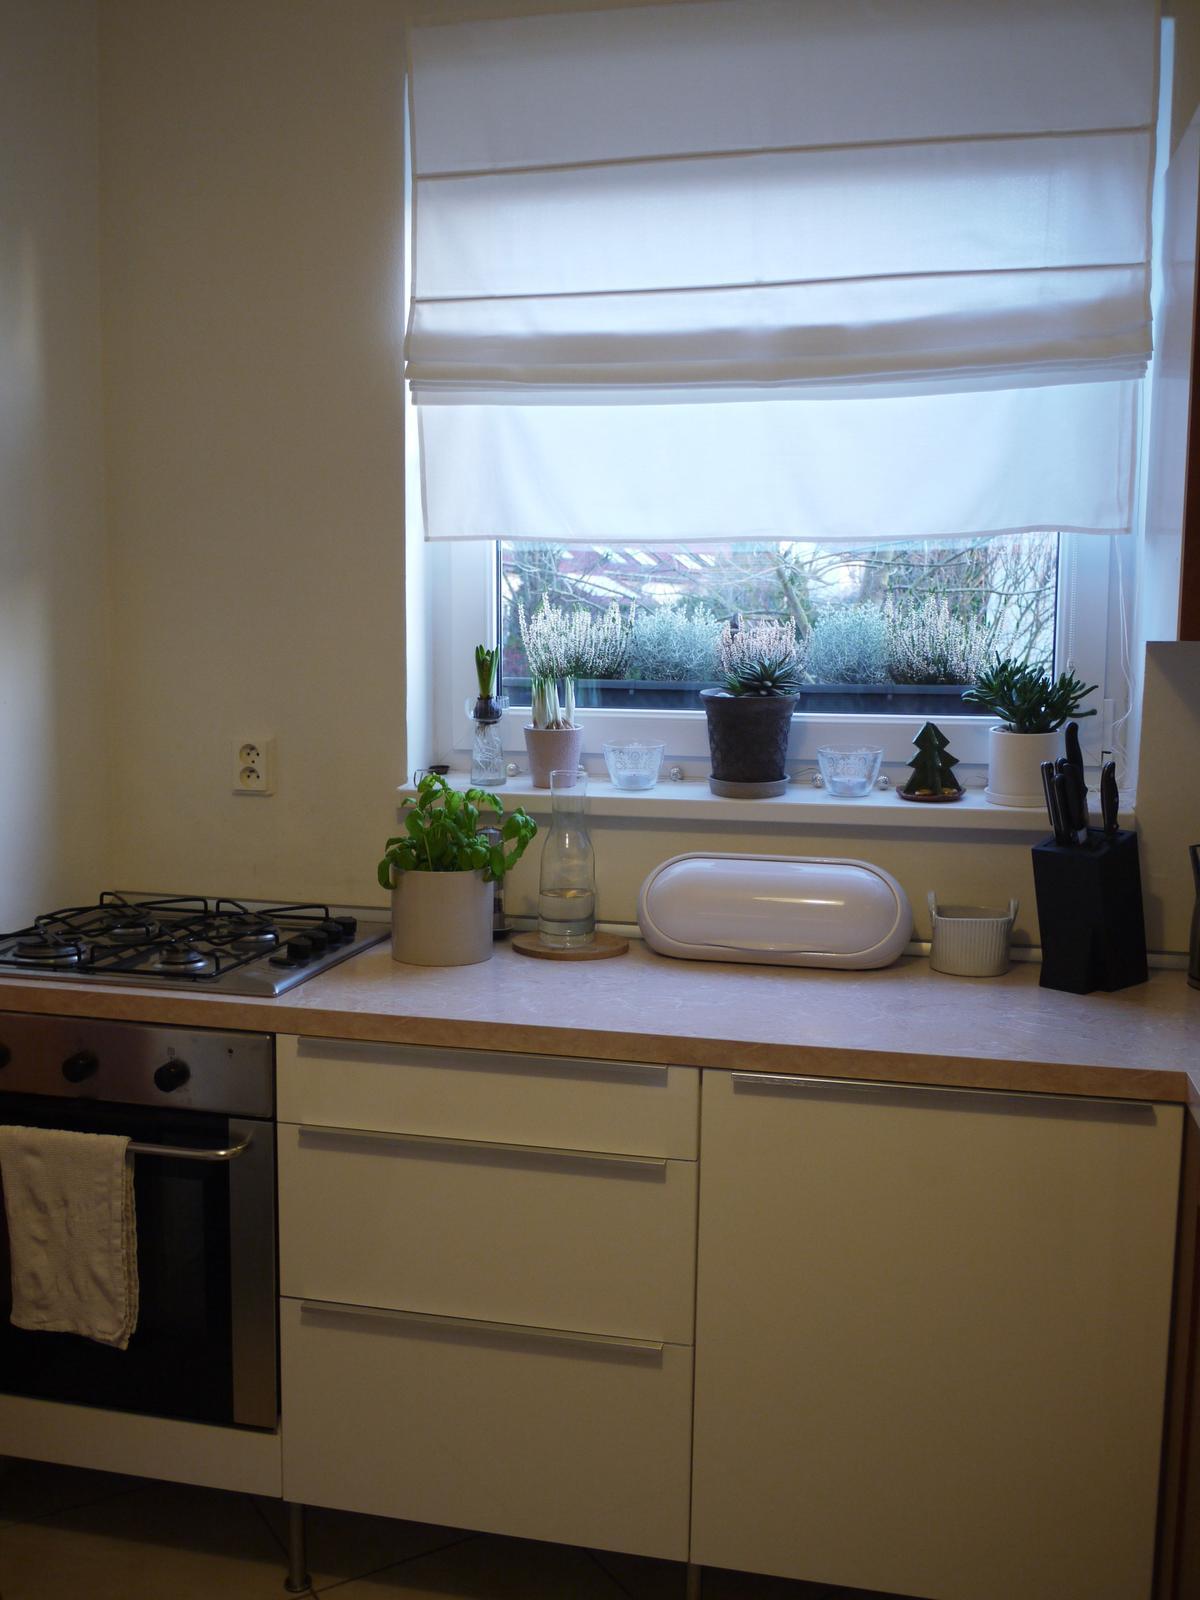 Proměny naší kuchyně - Poslední možnost objednat díly ke kuchyni Faktum. Měníme tedy sice jenom dvířka, ale... konečně bílá :-)